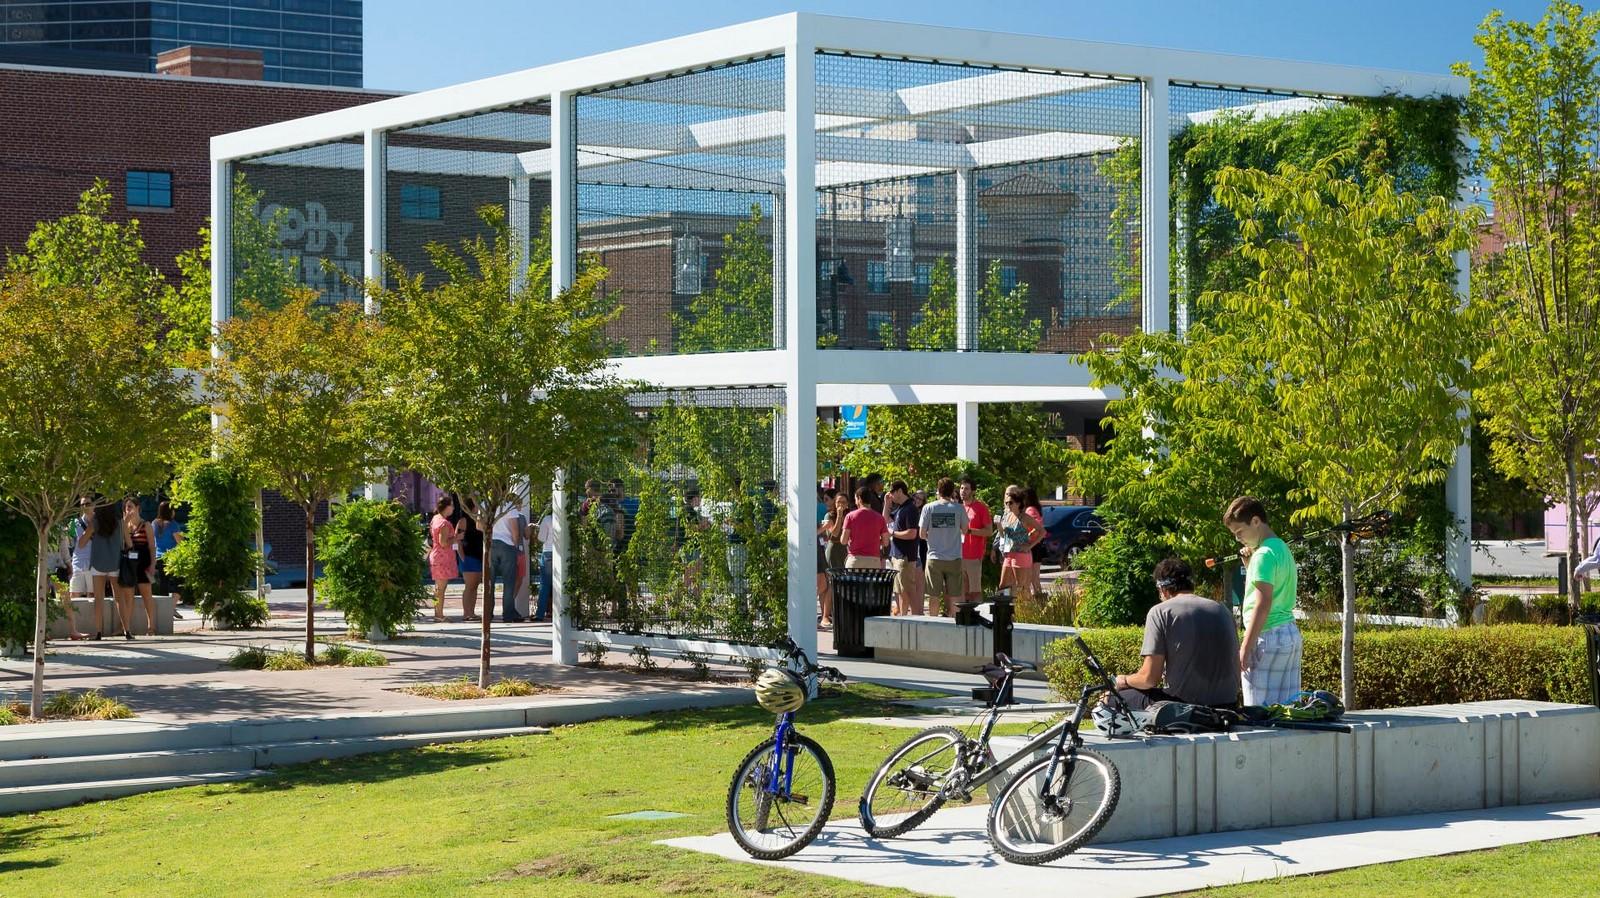 Guthrie Green Urban Park, Tulsa - Sheet2